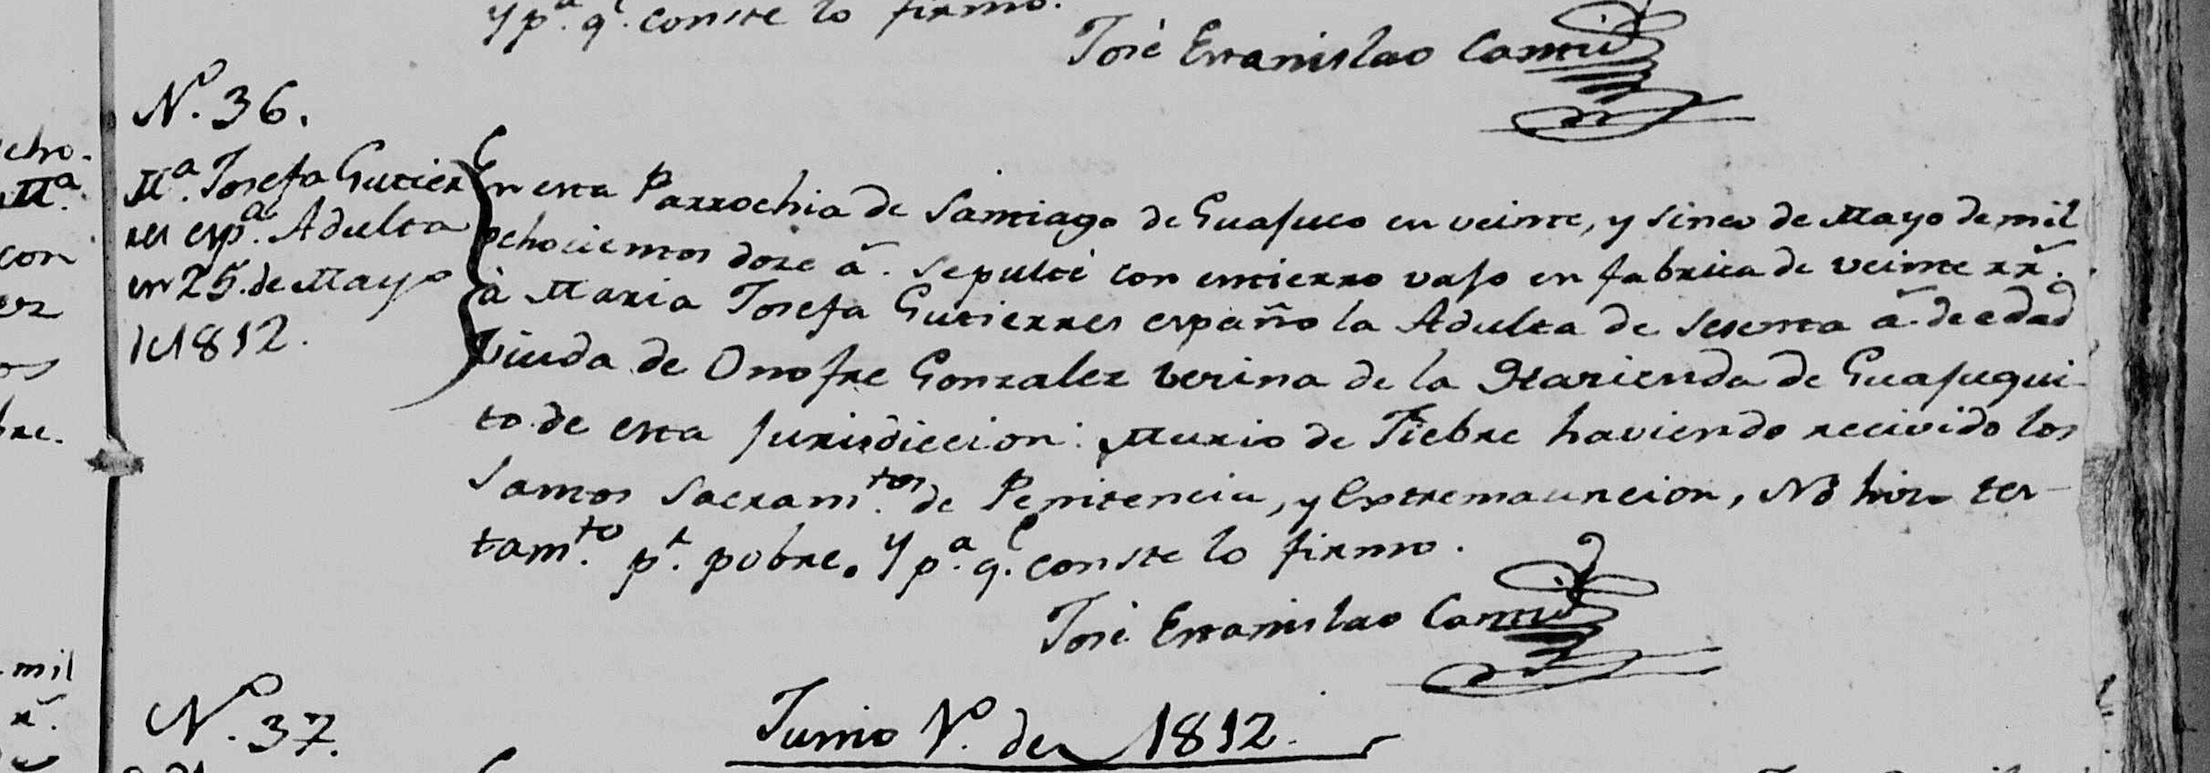 Maria Josefa Gutierrez Vergara